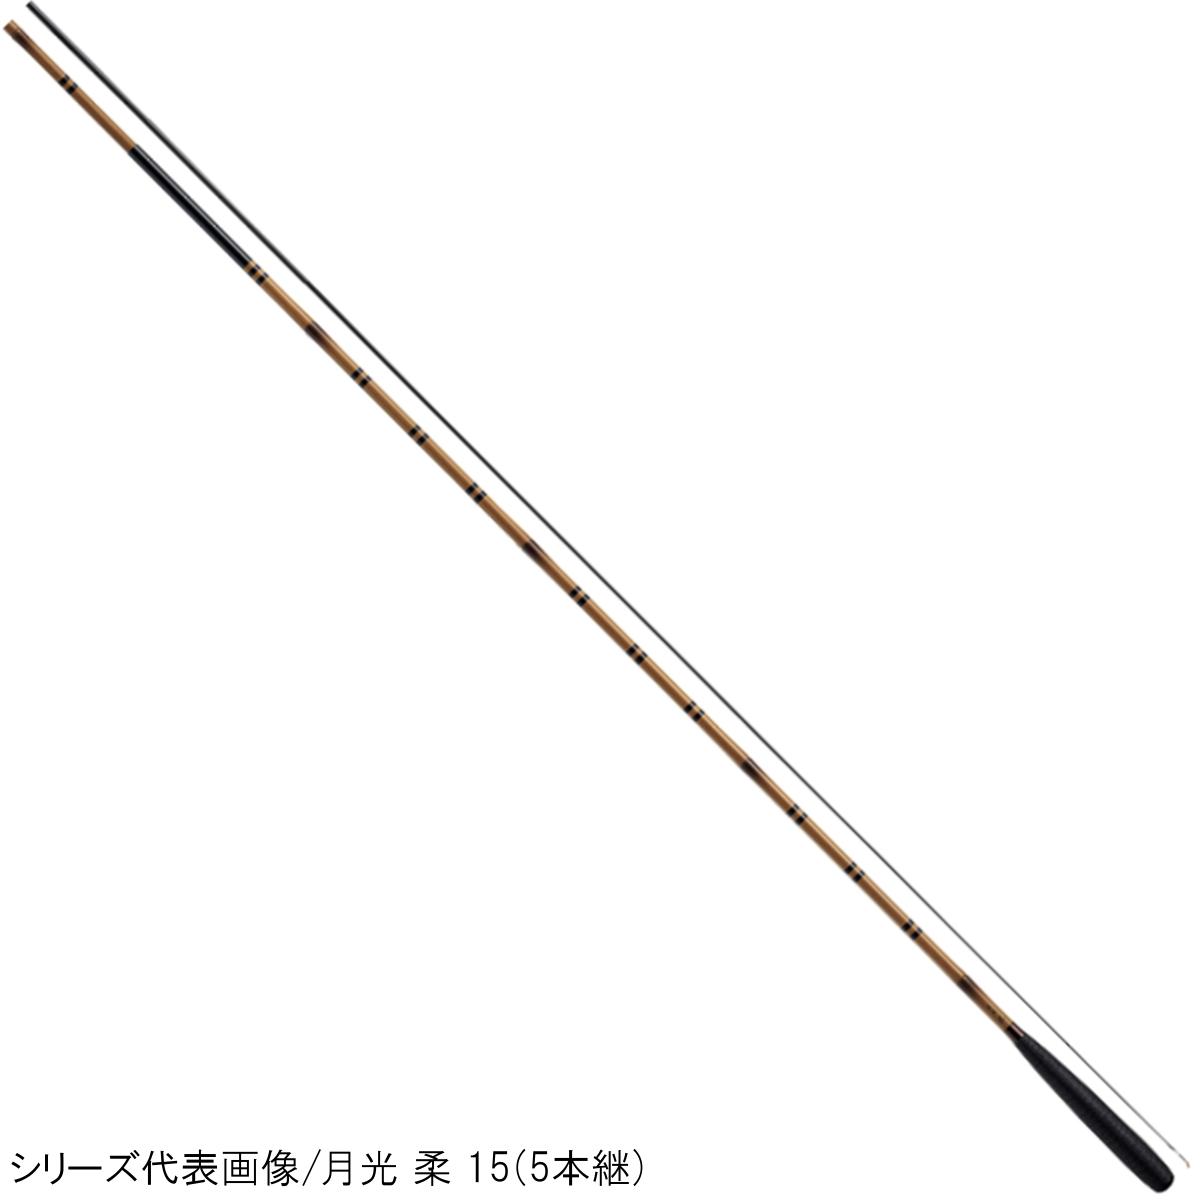 ダイワ 月光 柔 7(東日本店)